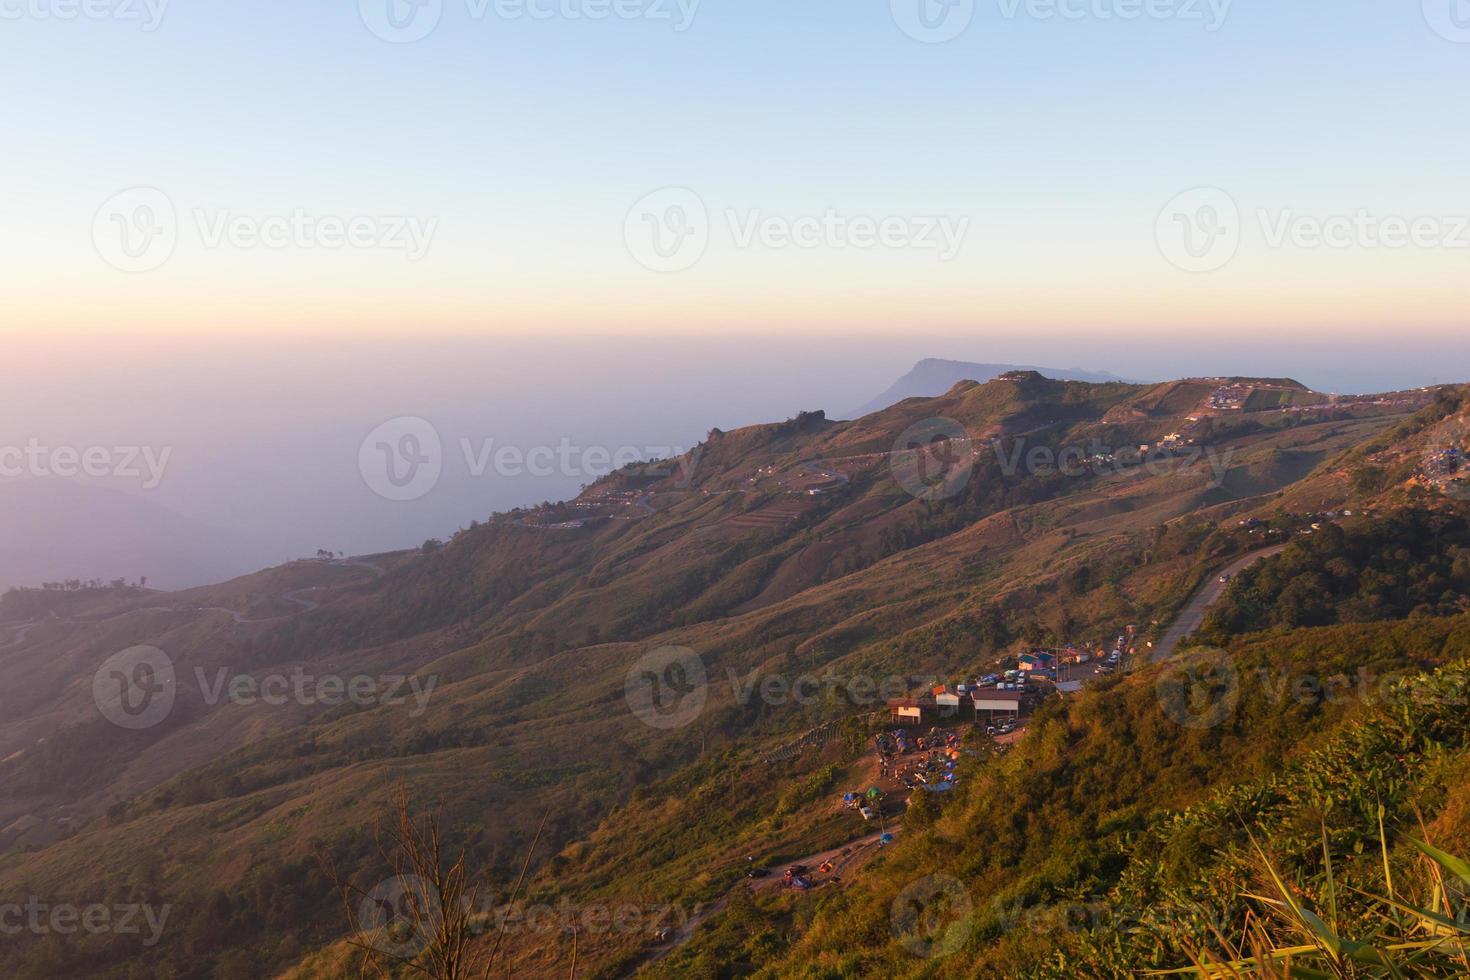 zonsopgangscène en de kronkelende weg de berg op foto